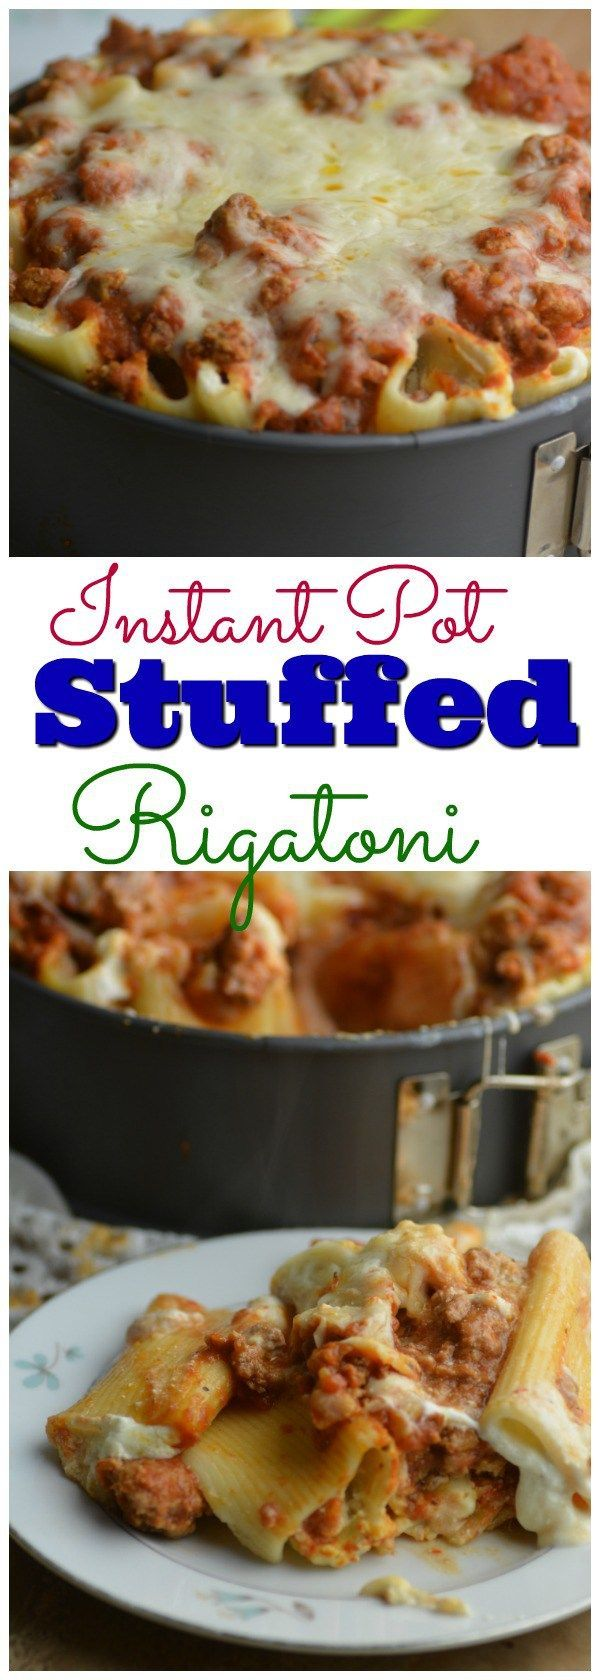 Stuffed Rigatoni